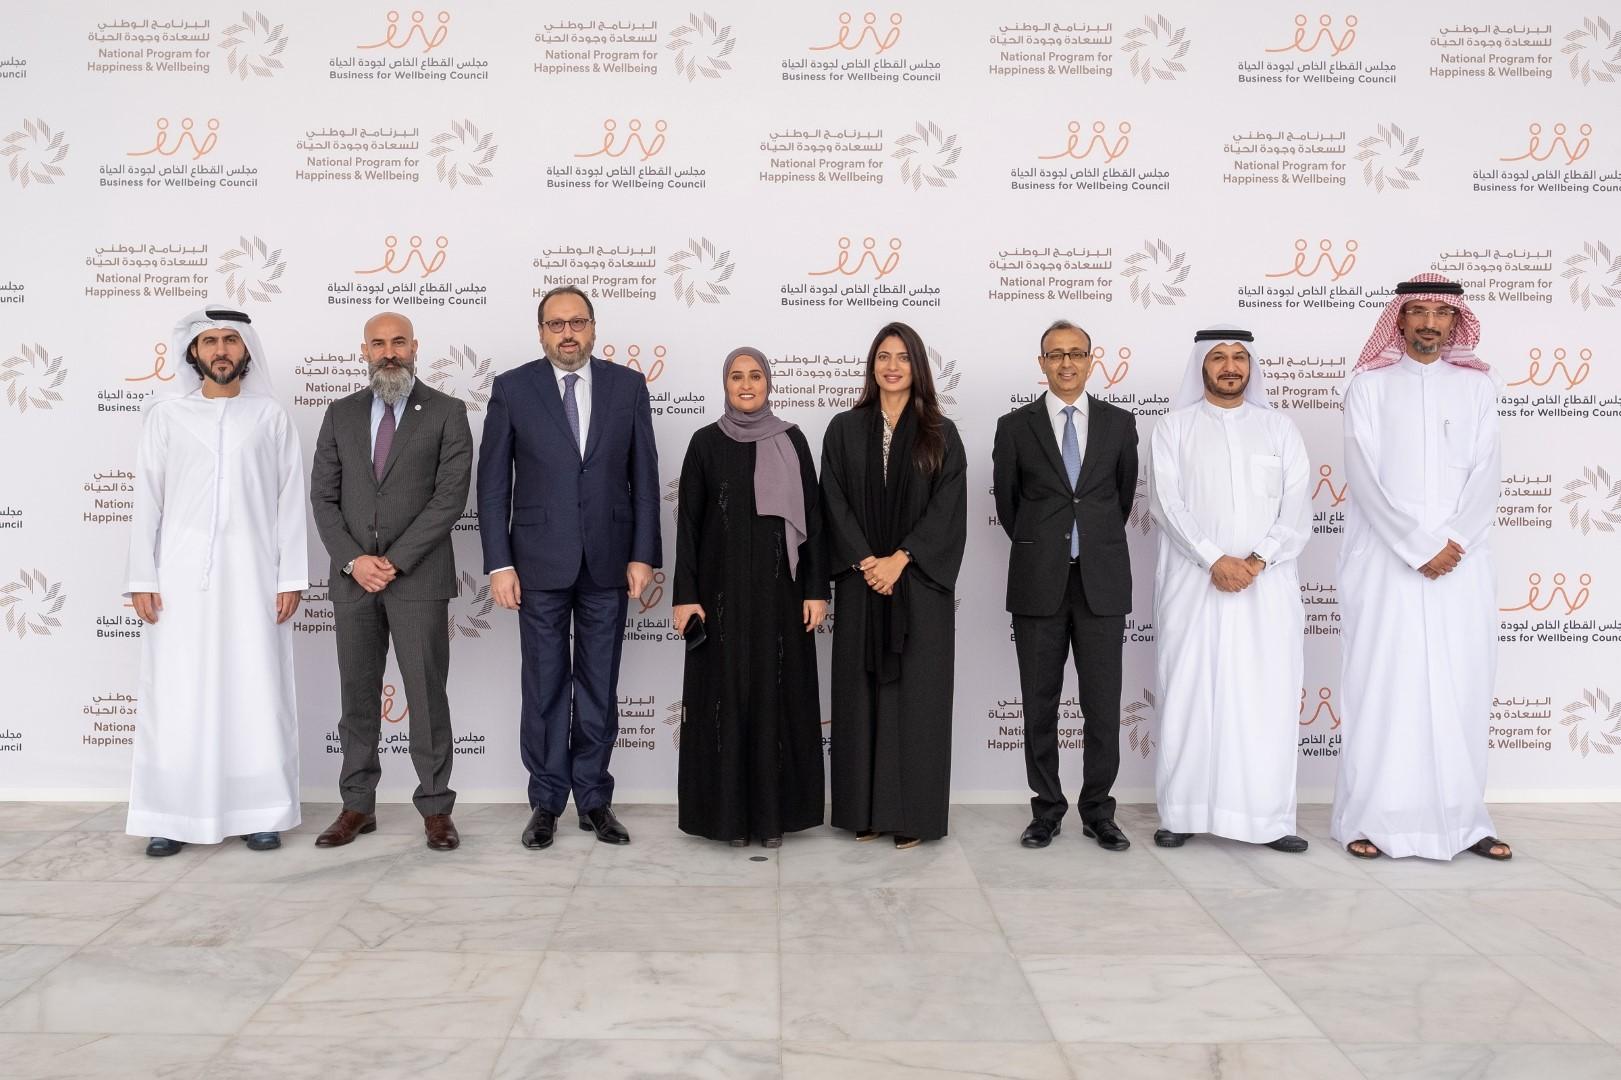 """""""البرنامج الوطني للسعادة"""" يطلق مجلس القطاع الخاص لجودة الحياة في الإمارات"""